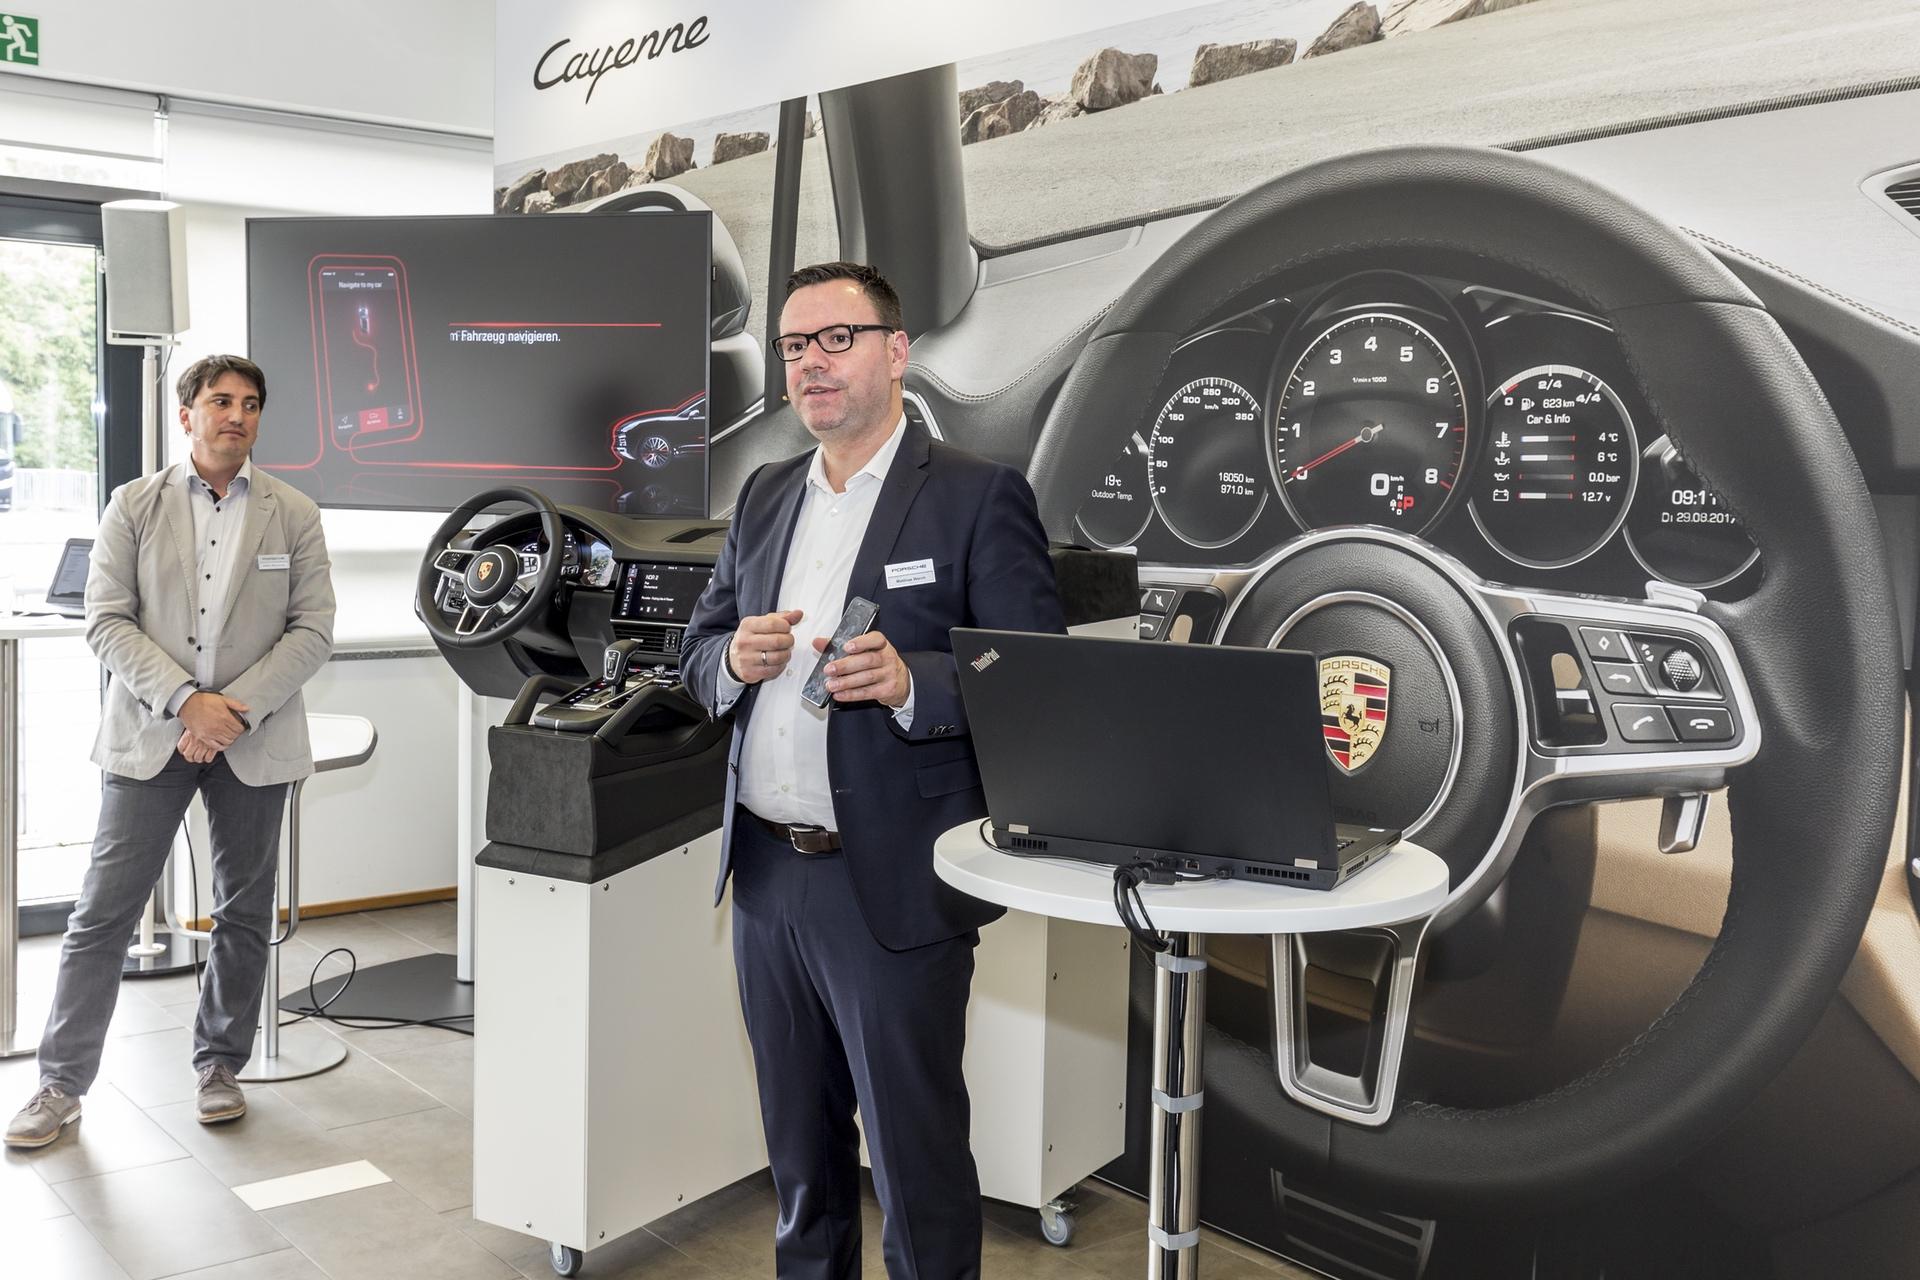 Test_Drive_Porsche_Cayenne_358